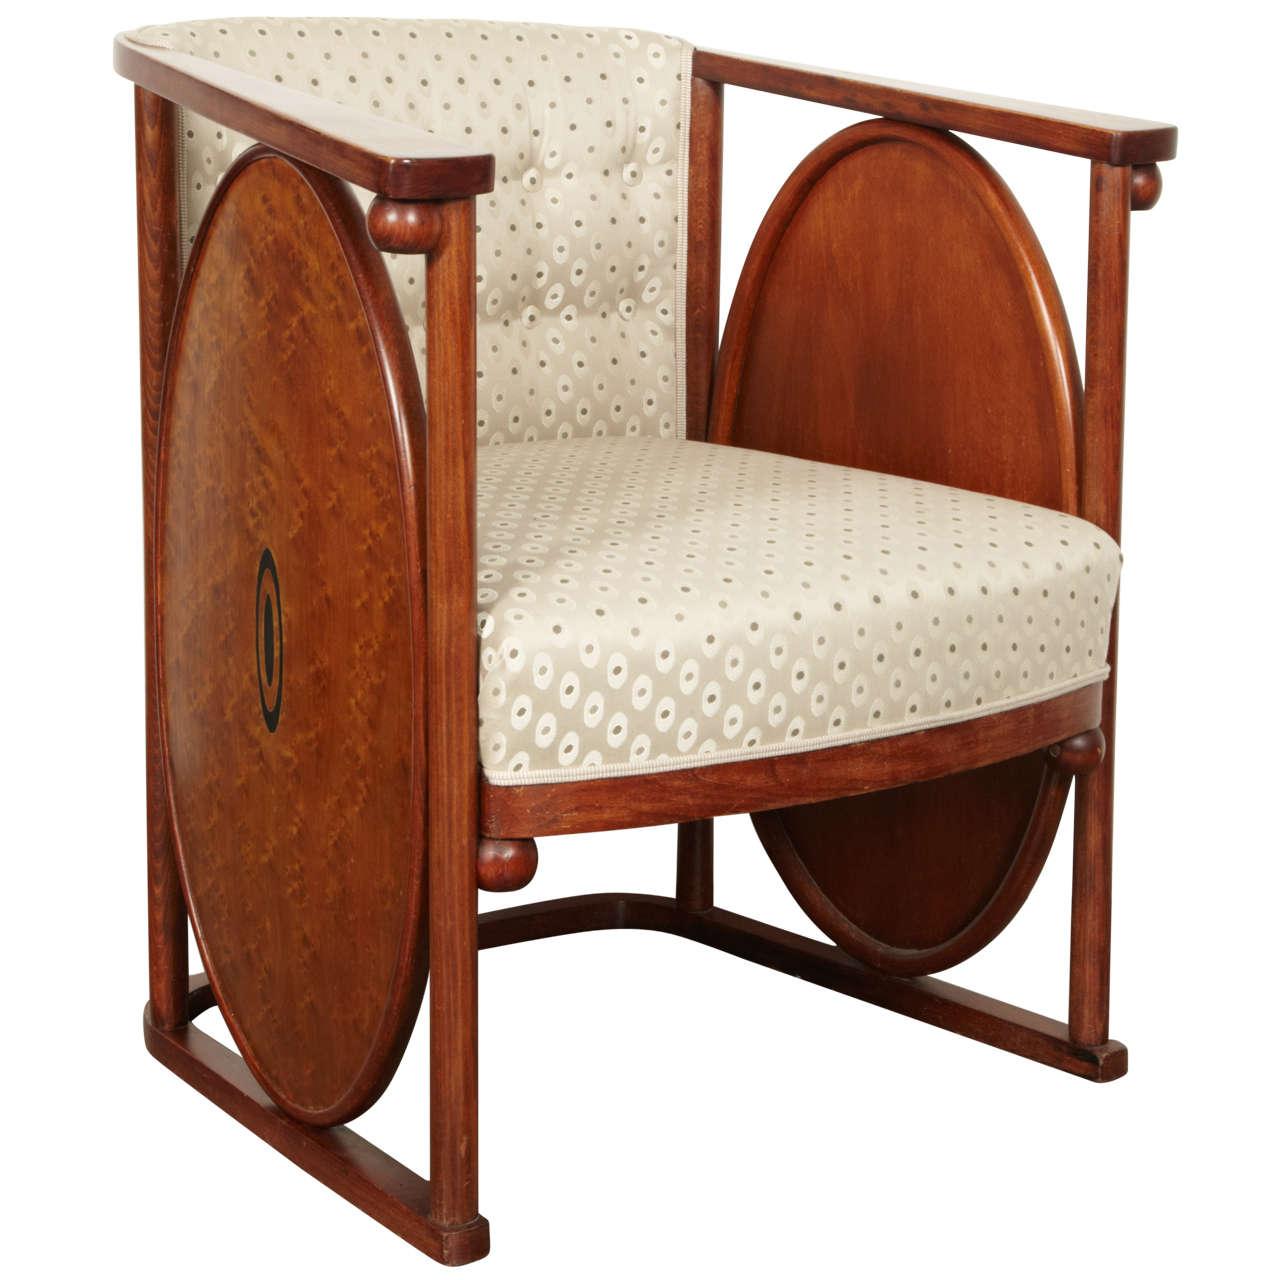 koloman moser and josef hoffmann art nouveau armchair at